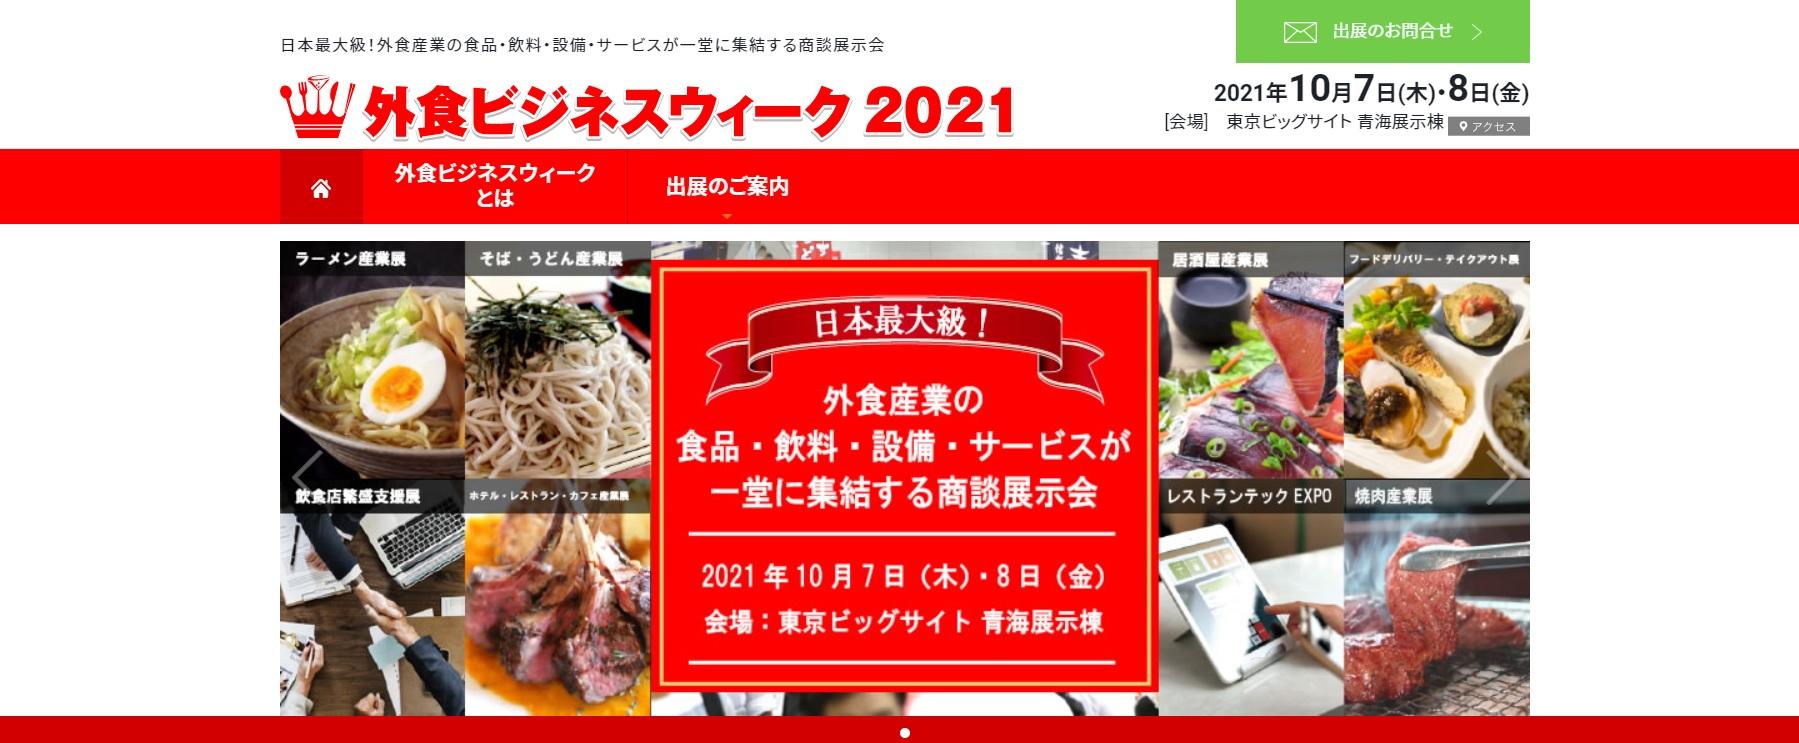 外食ビジネスウィーク2021